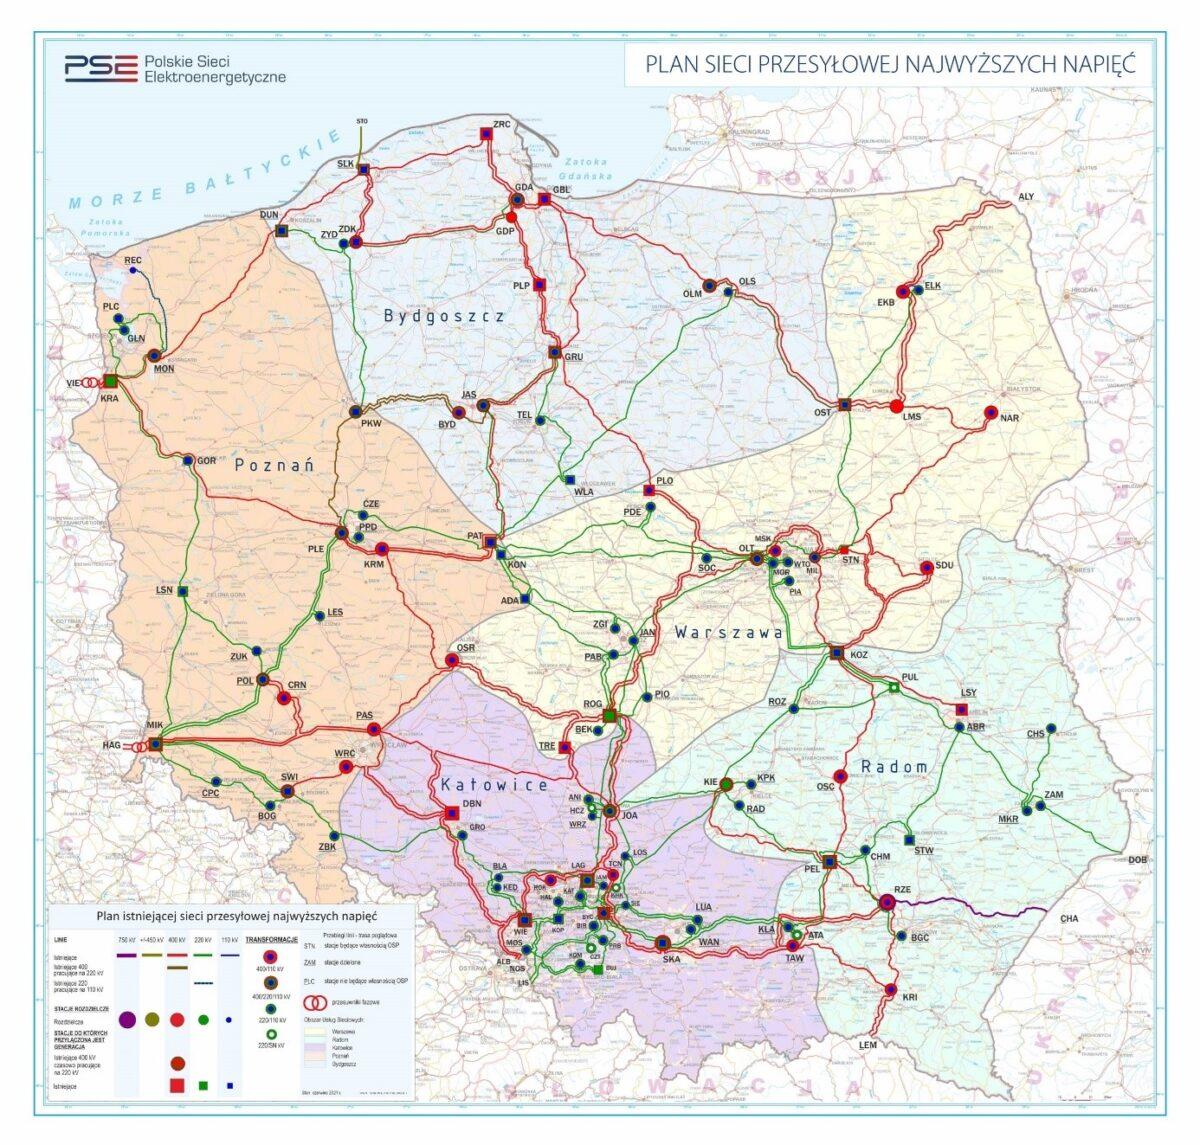 Plan sieci przesyłowej najwyższych napięć / Źródło: pse.pl